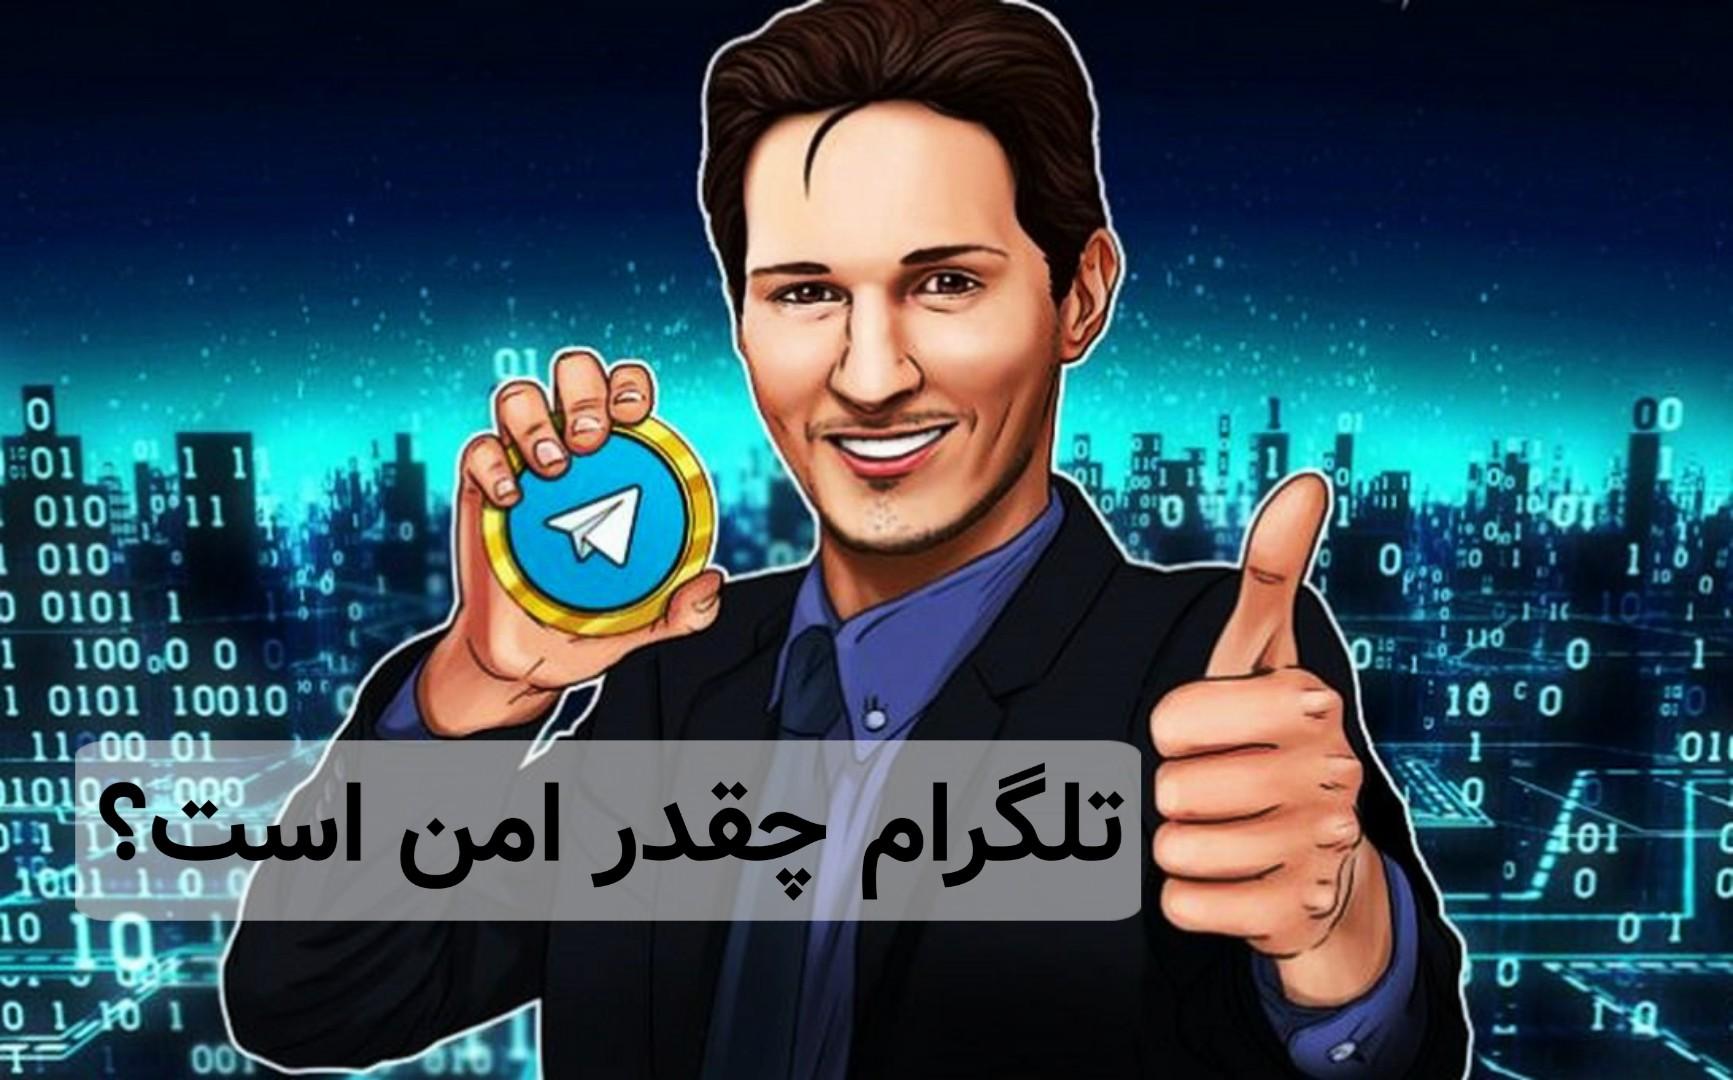 تلگرام چقدر امن است؟